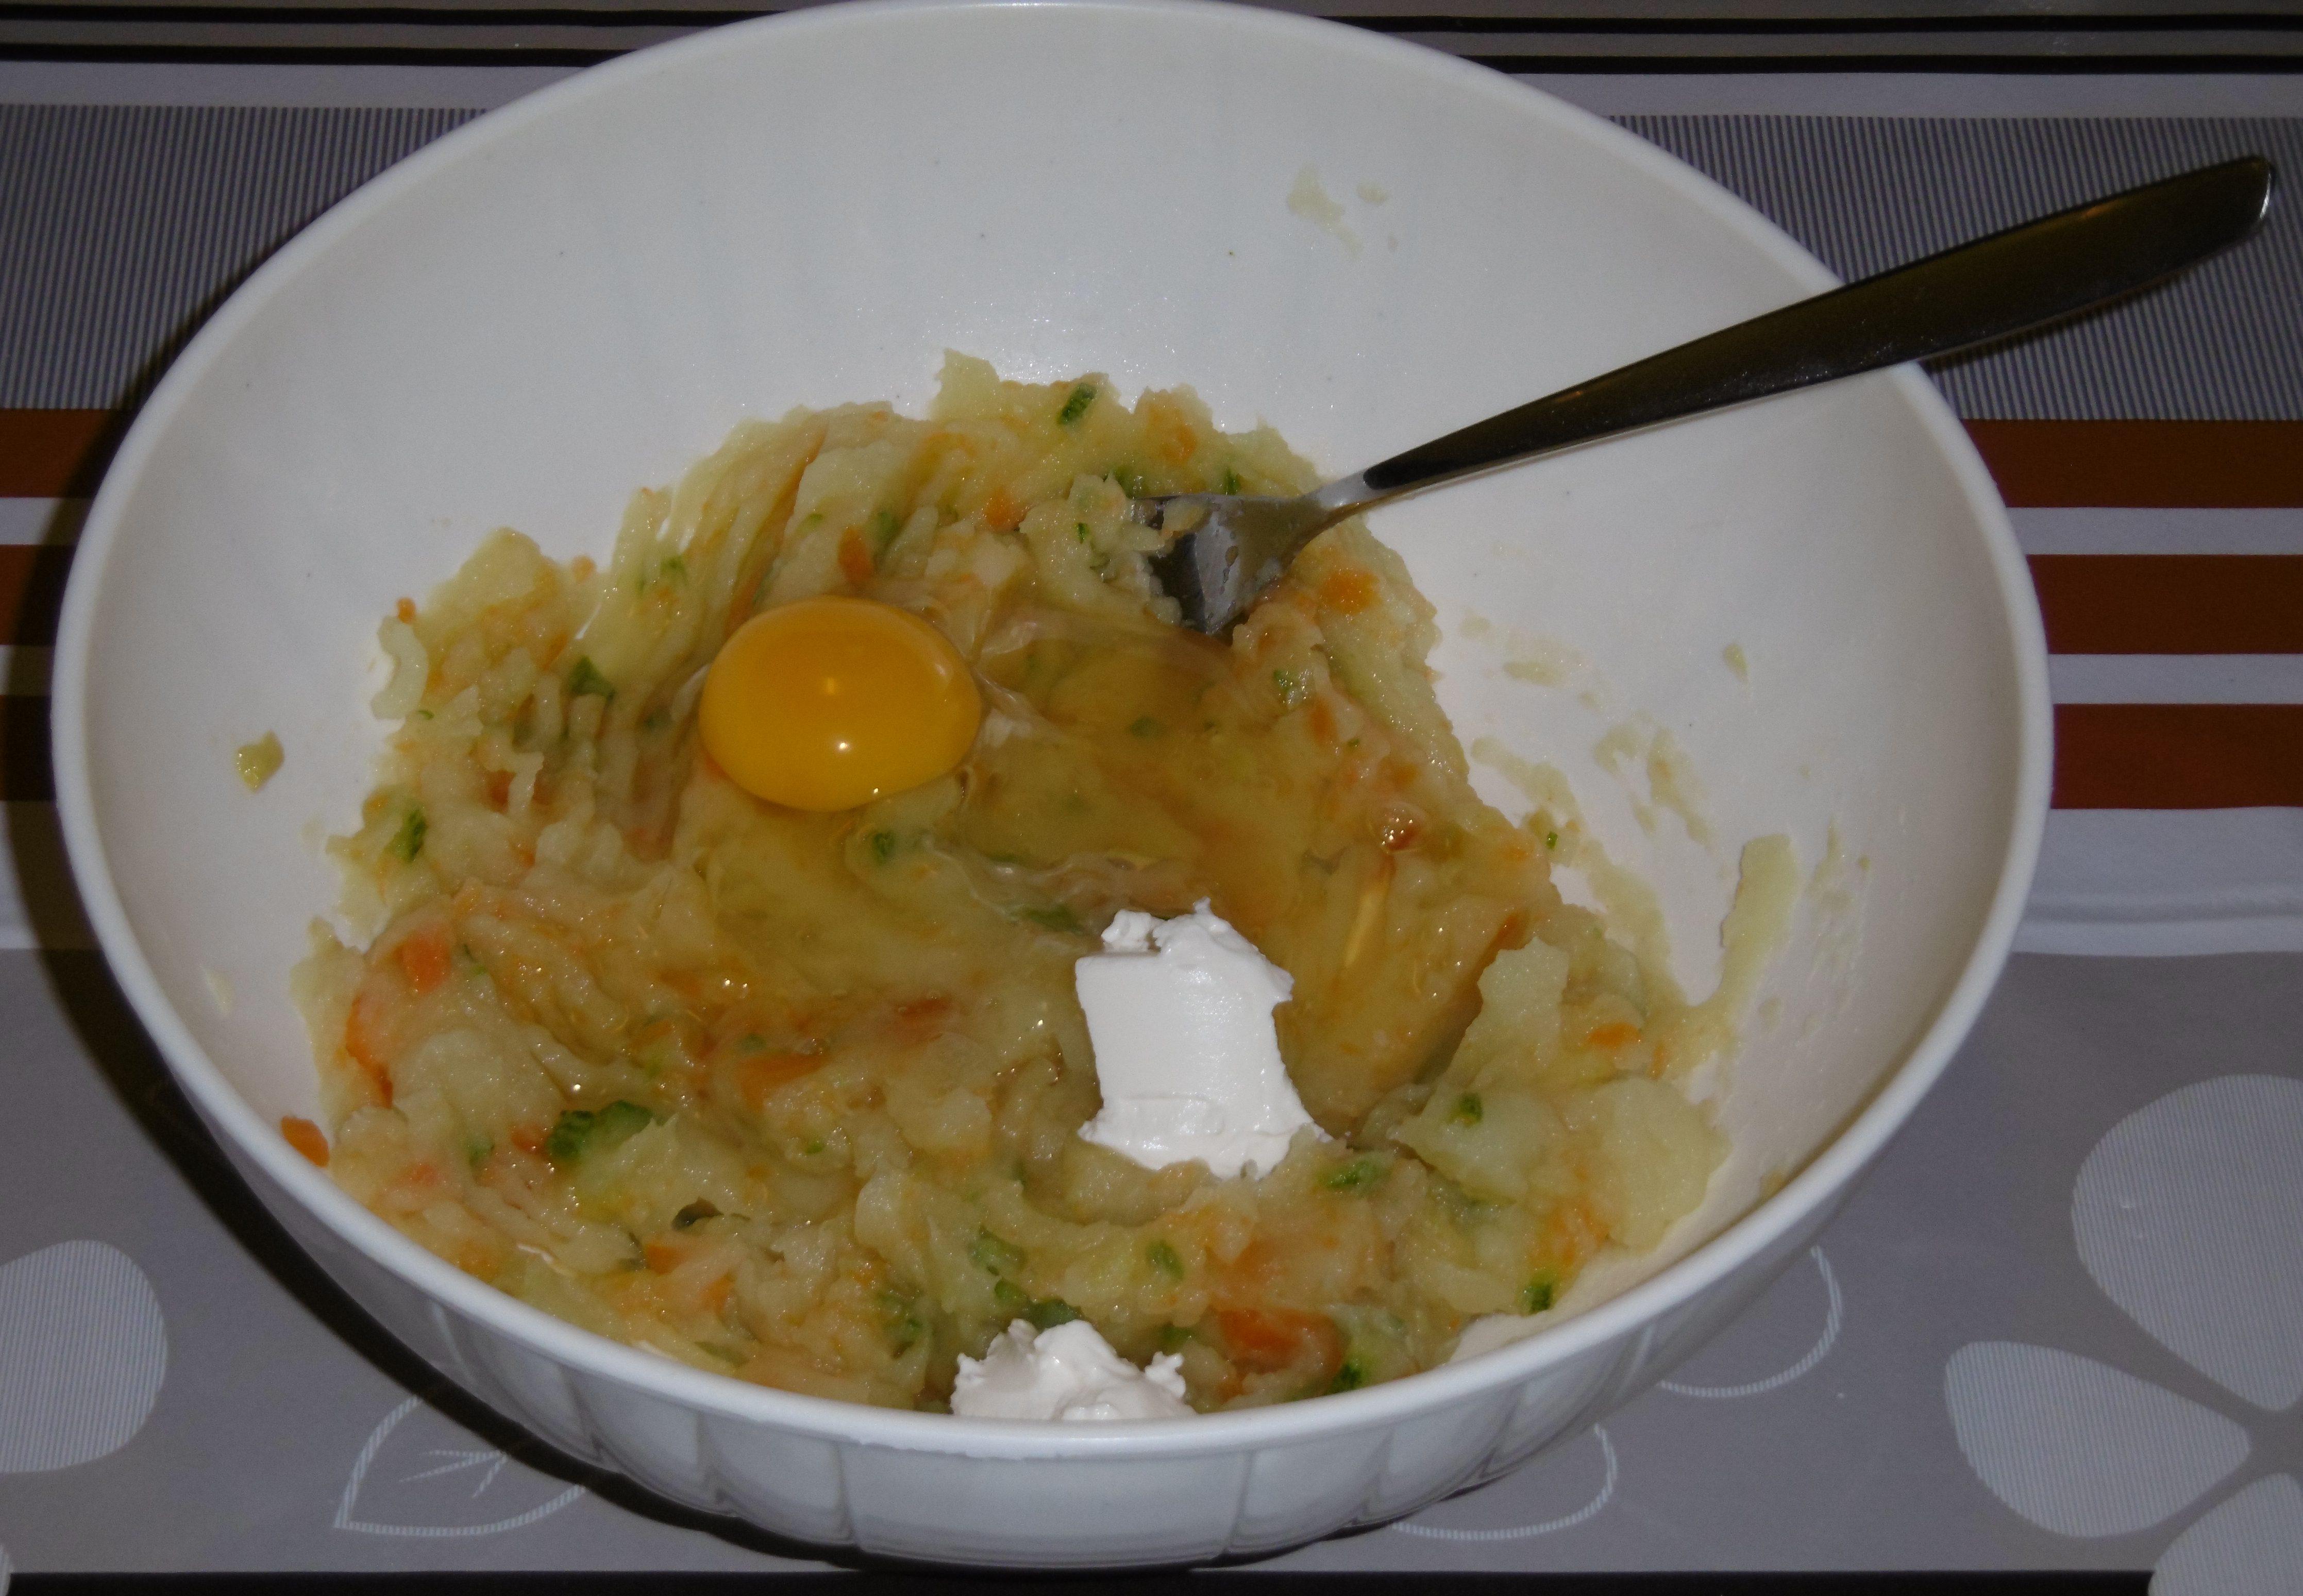 Polpette di verdure con corn flakes - Aggiunta altri ingredienti